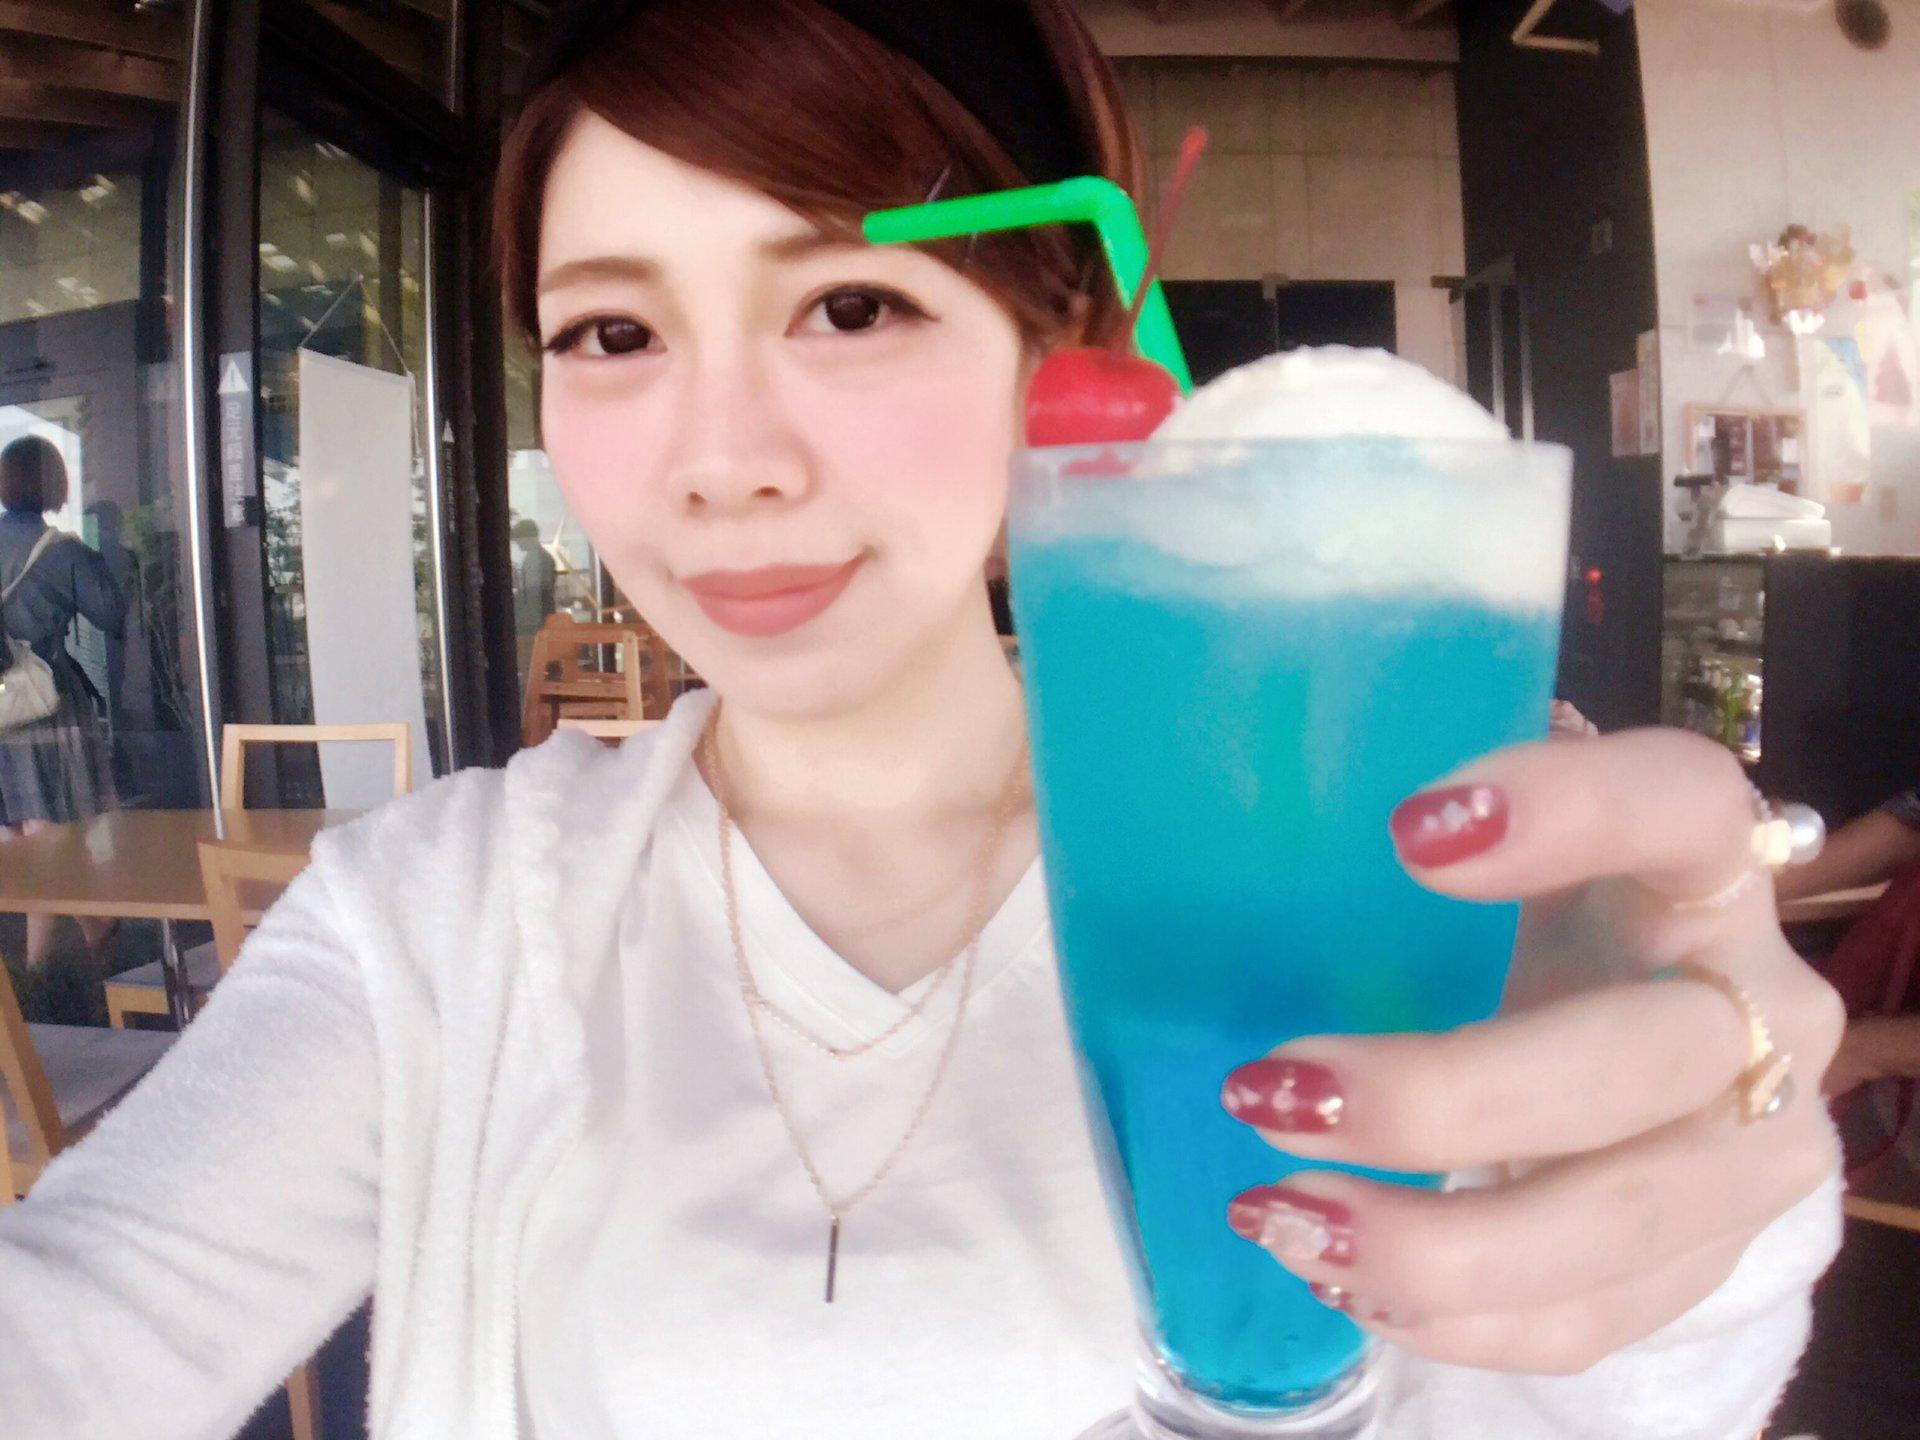 【夏スイーツランキングTOP10】東京のおススメひんやりスイーツを食べに行こう!